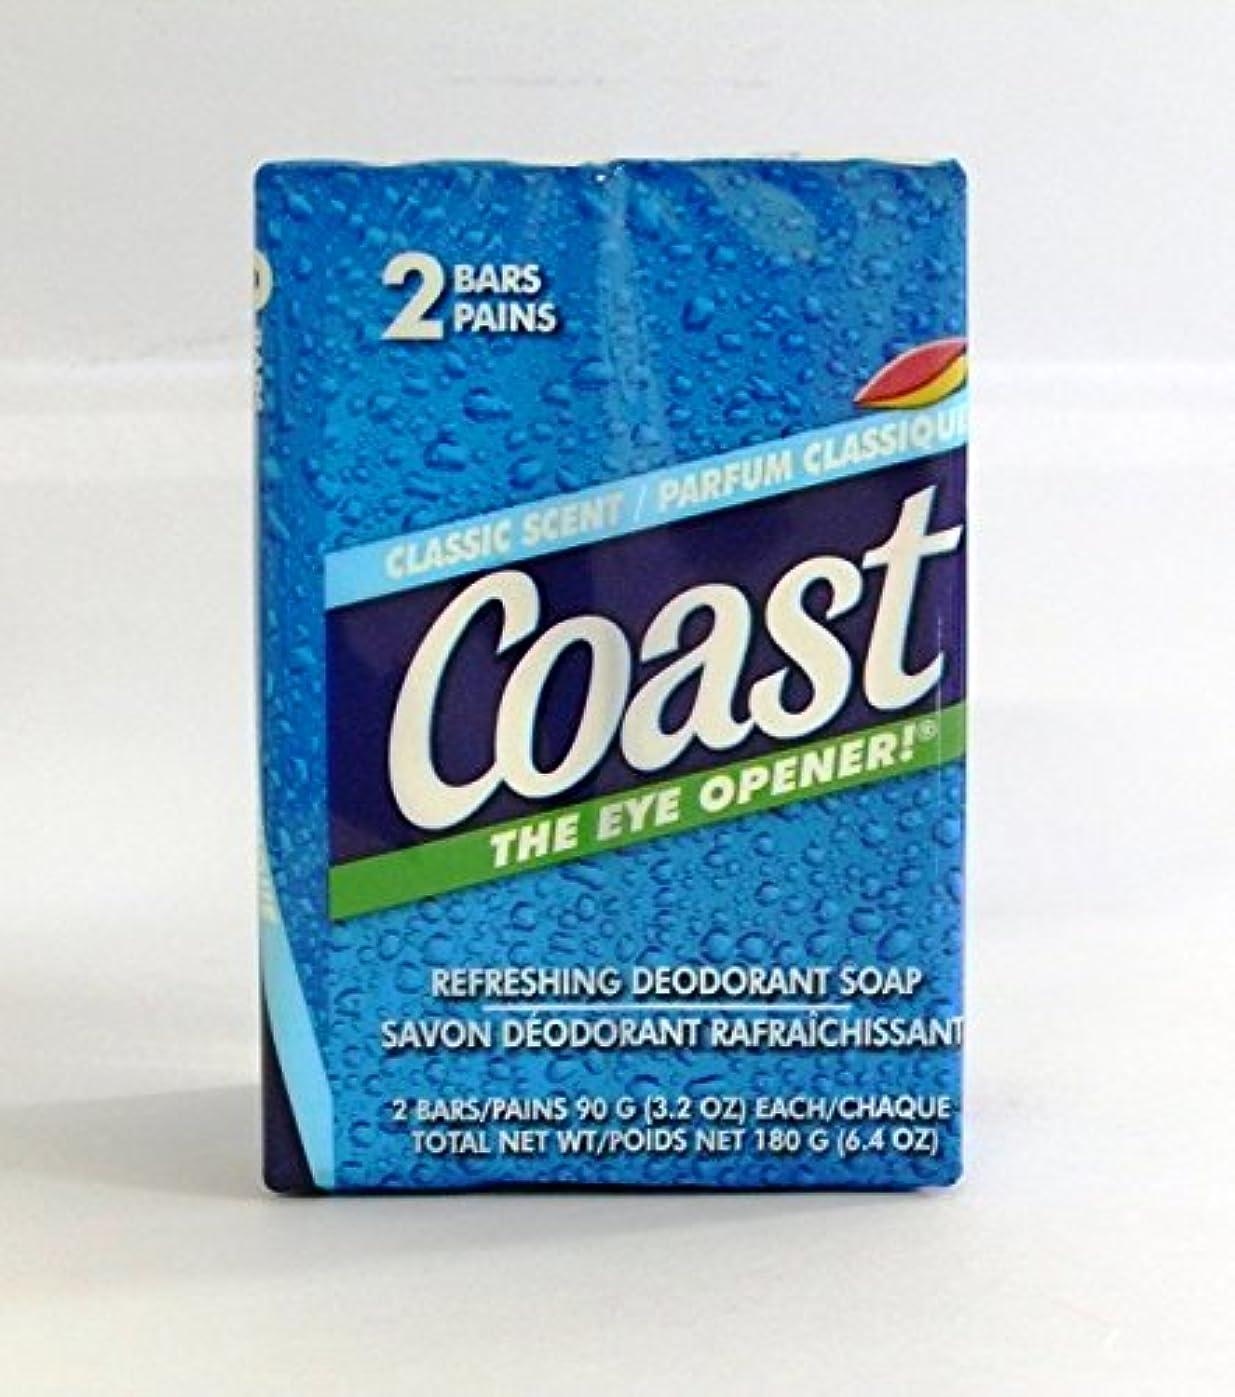 確かめる演じる積極的にコースト 固形石鹸 クラシックセント 90g 2個入